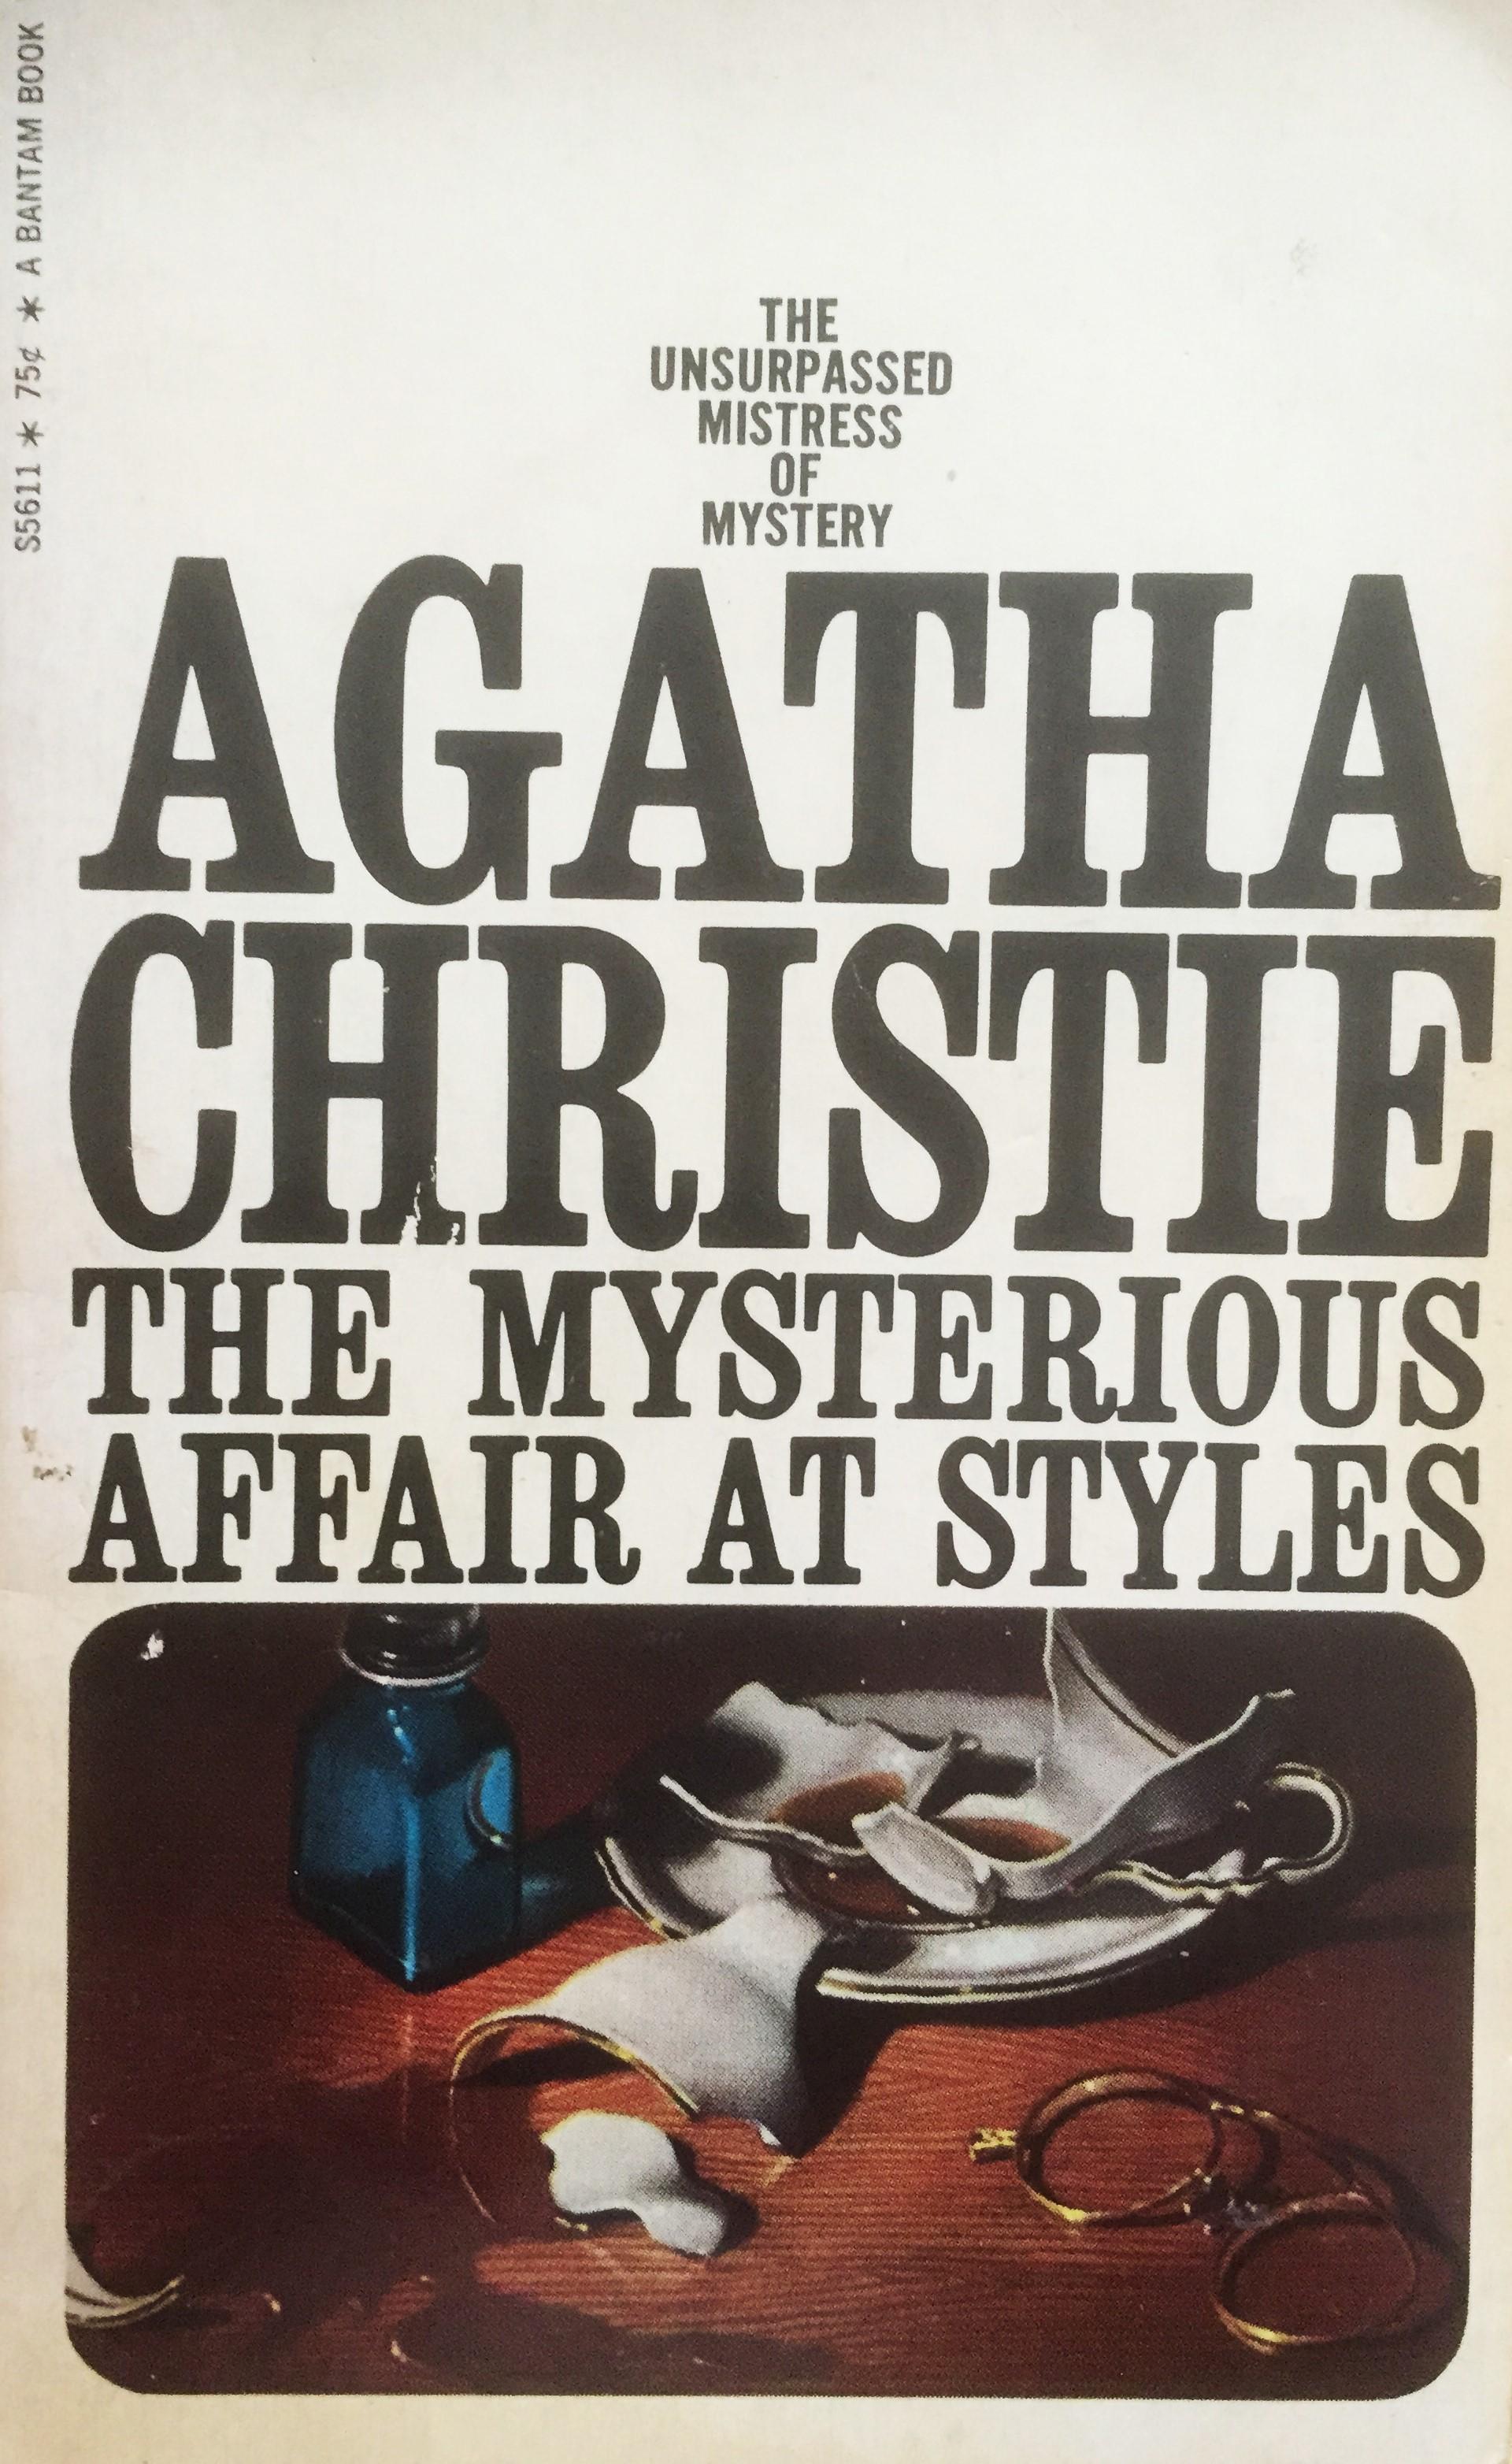 روايات اجاثا كريستي - قضية ستايلز الغامضة